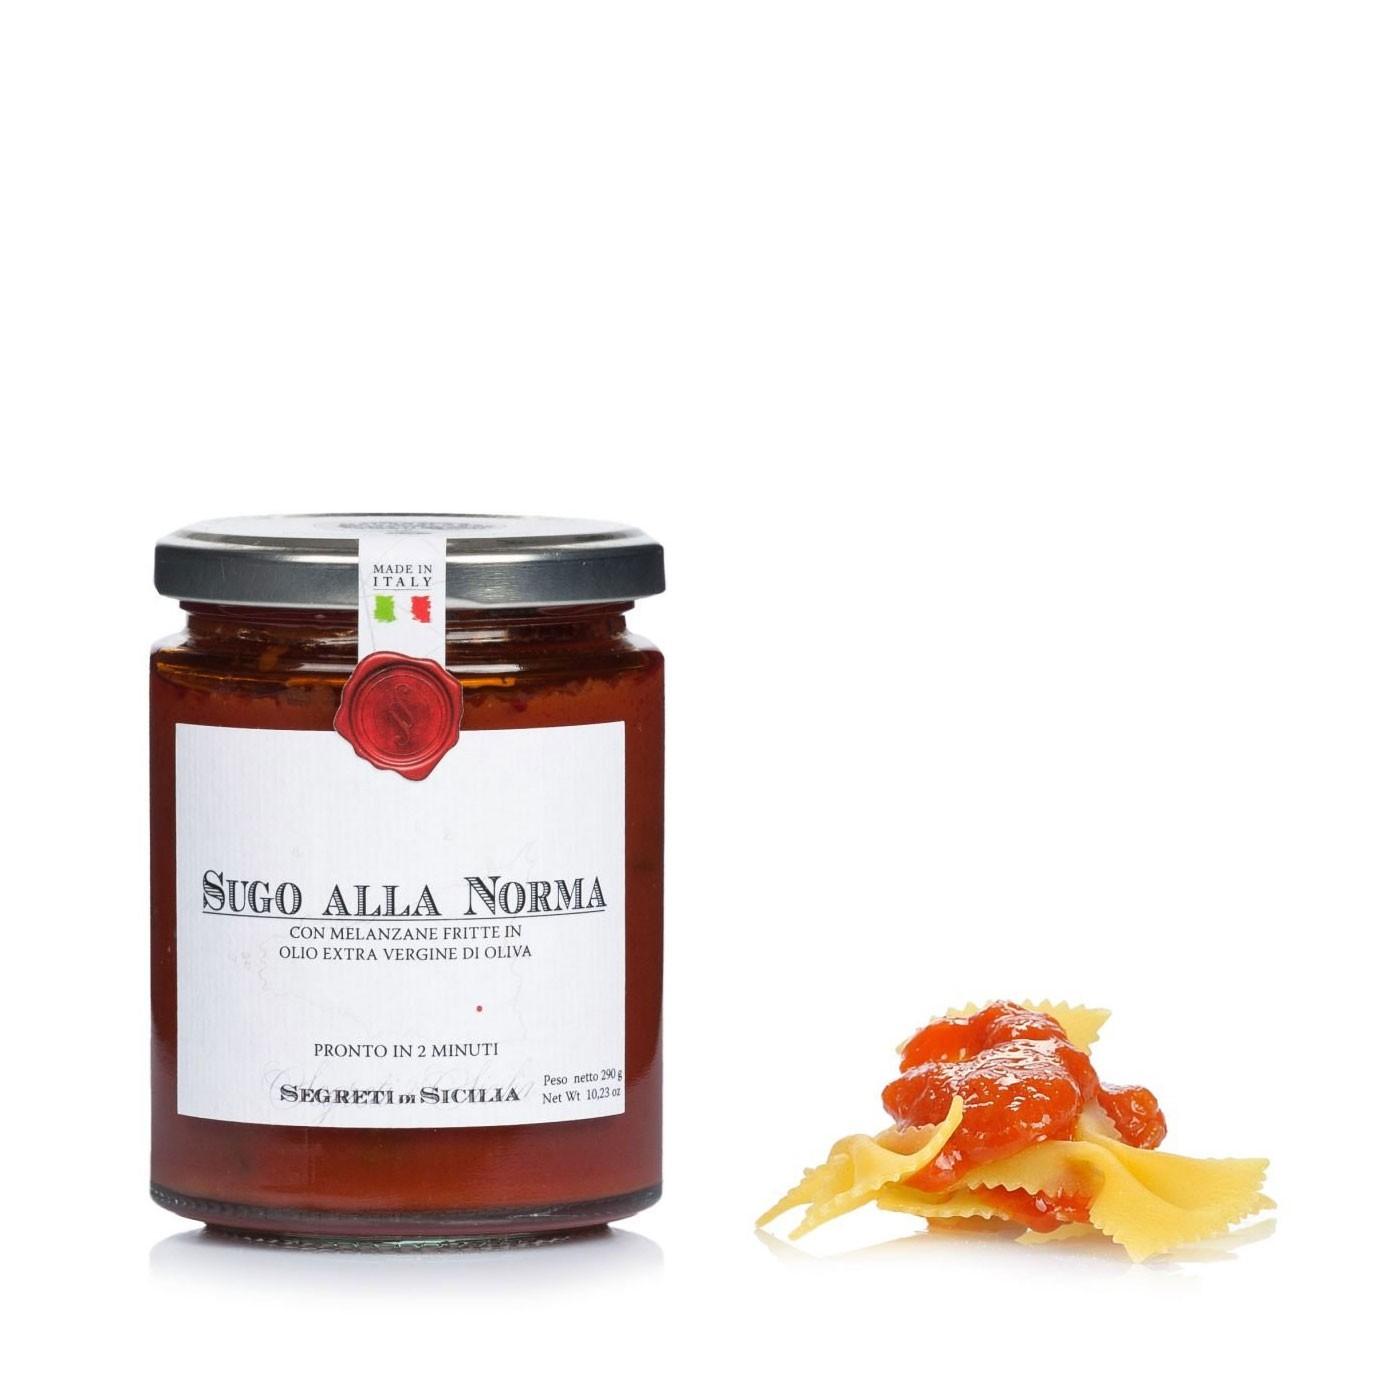 Norma Tomato Sauce 10.2 oz - Frantoi Cutrera | Eataly.com